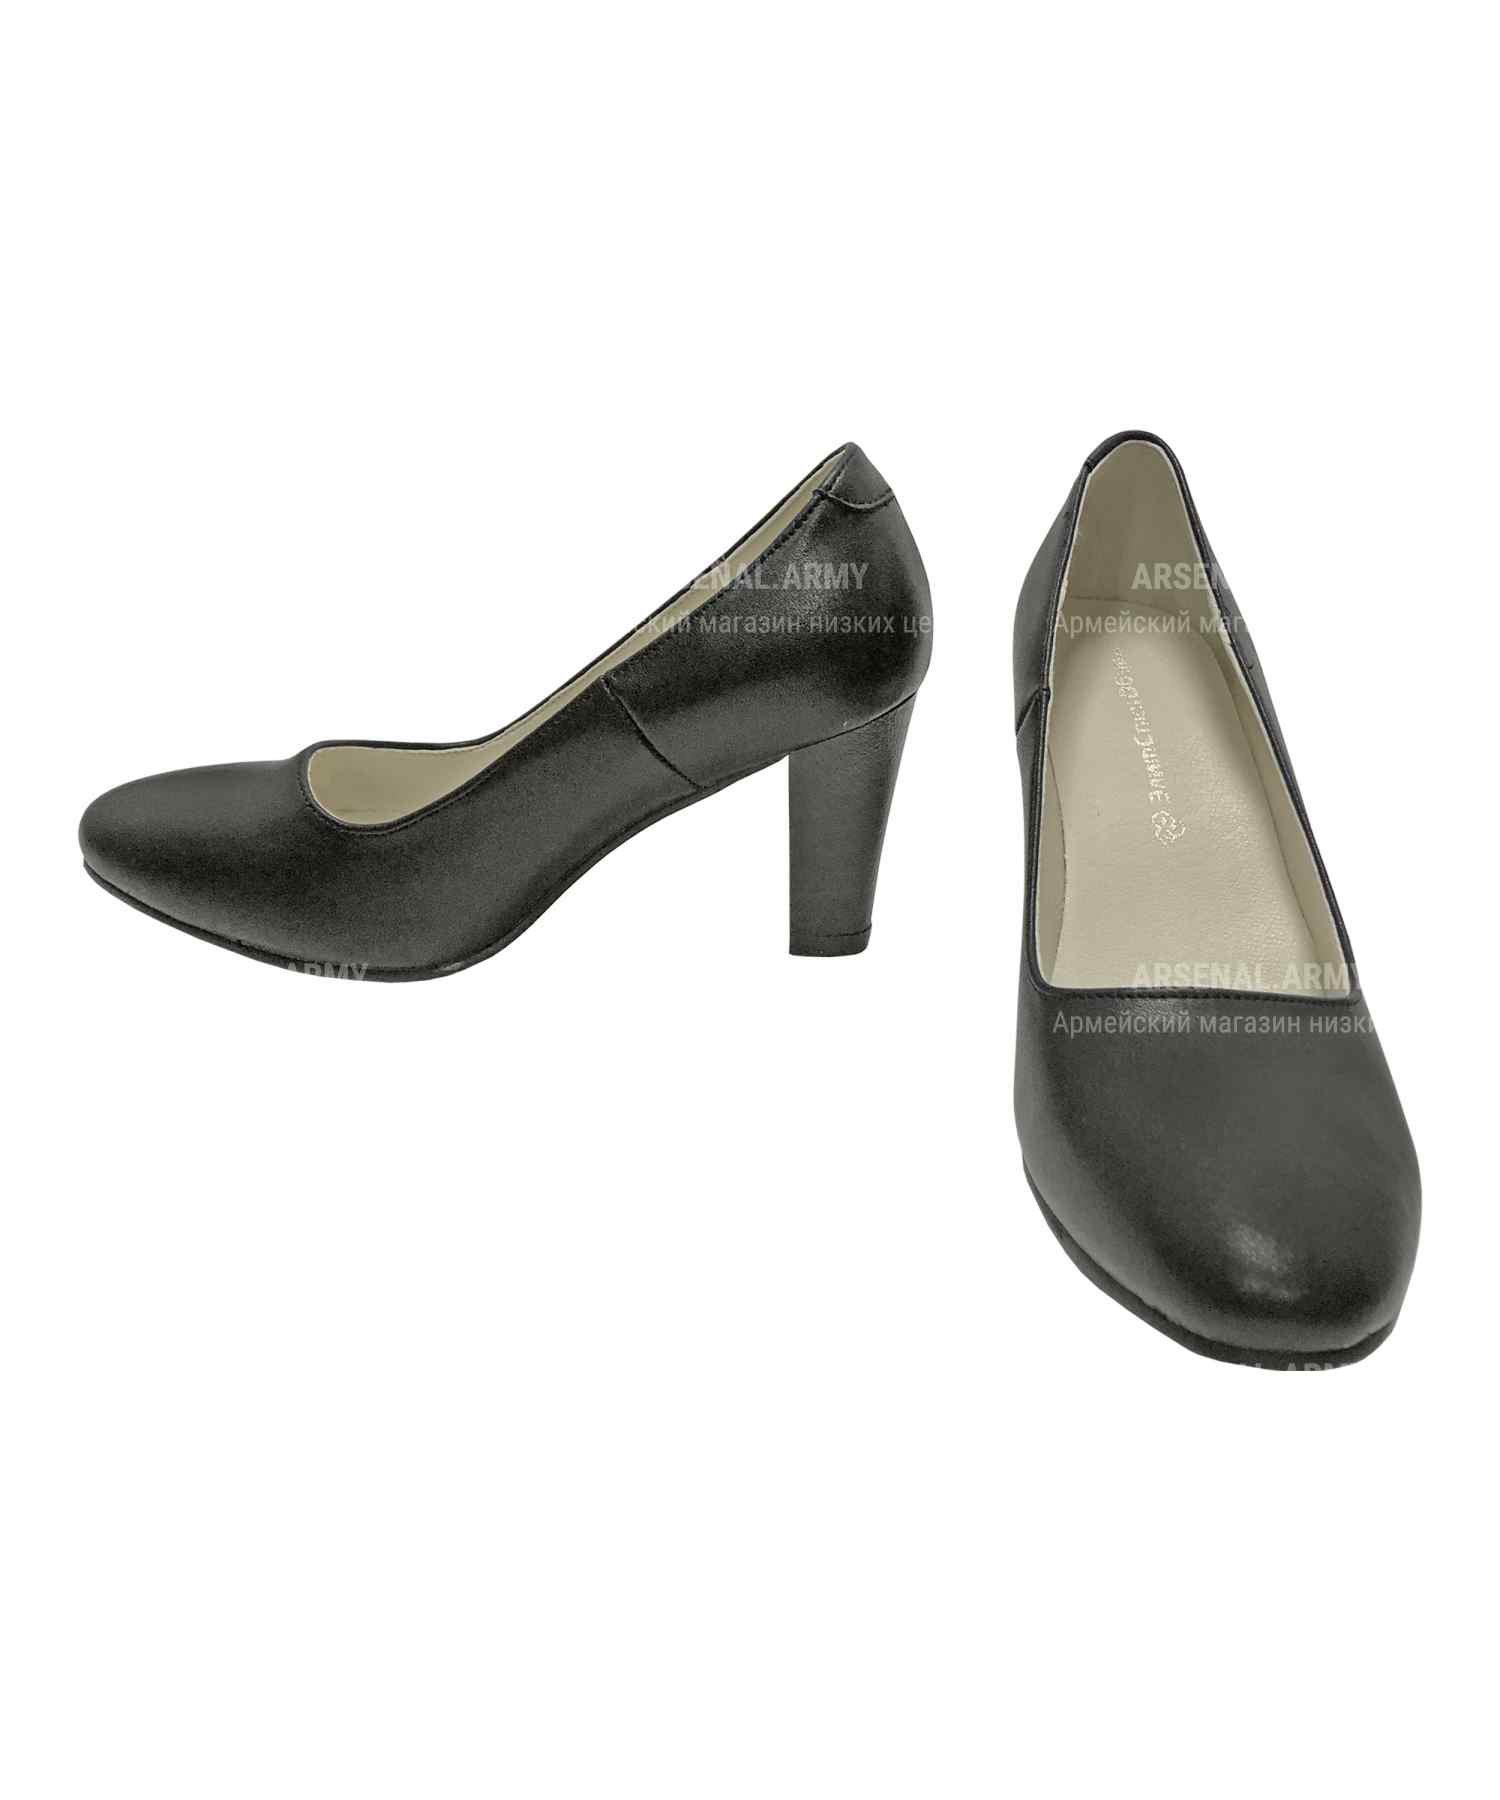 Туфли женские офисные